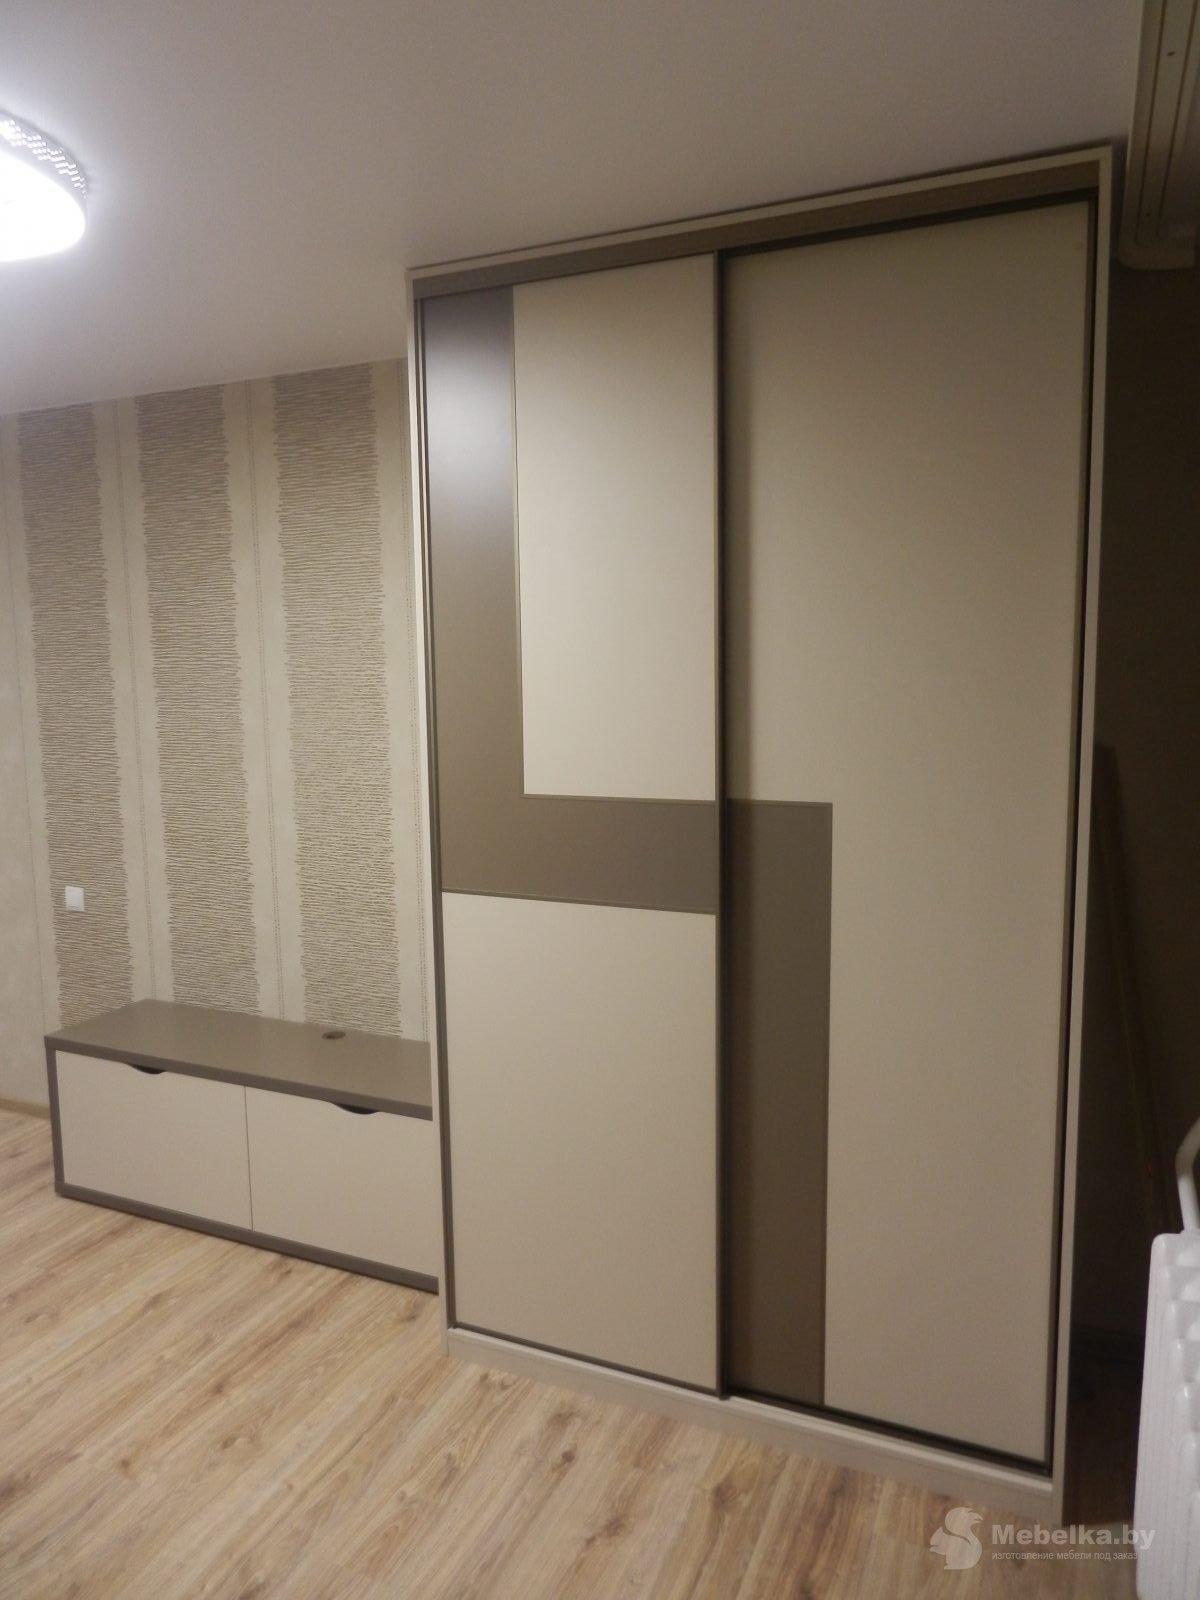 Шкаф-купе со вставкой и тумбой под телевизор вид 1